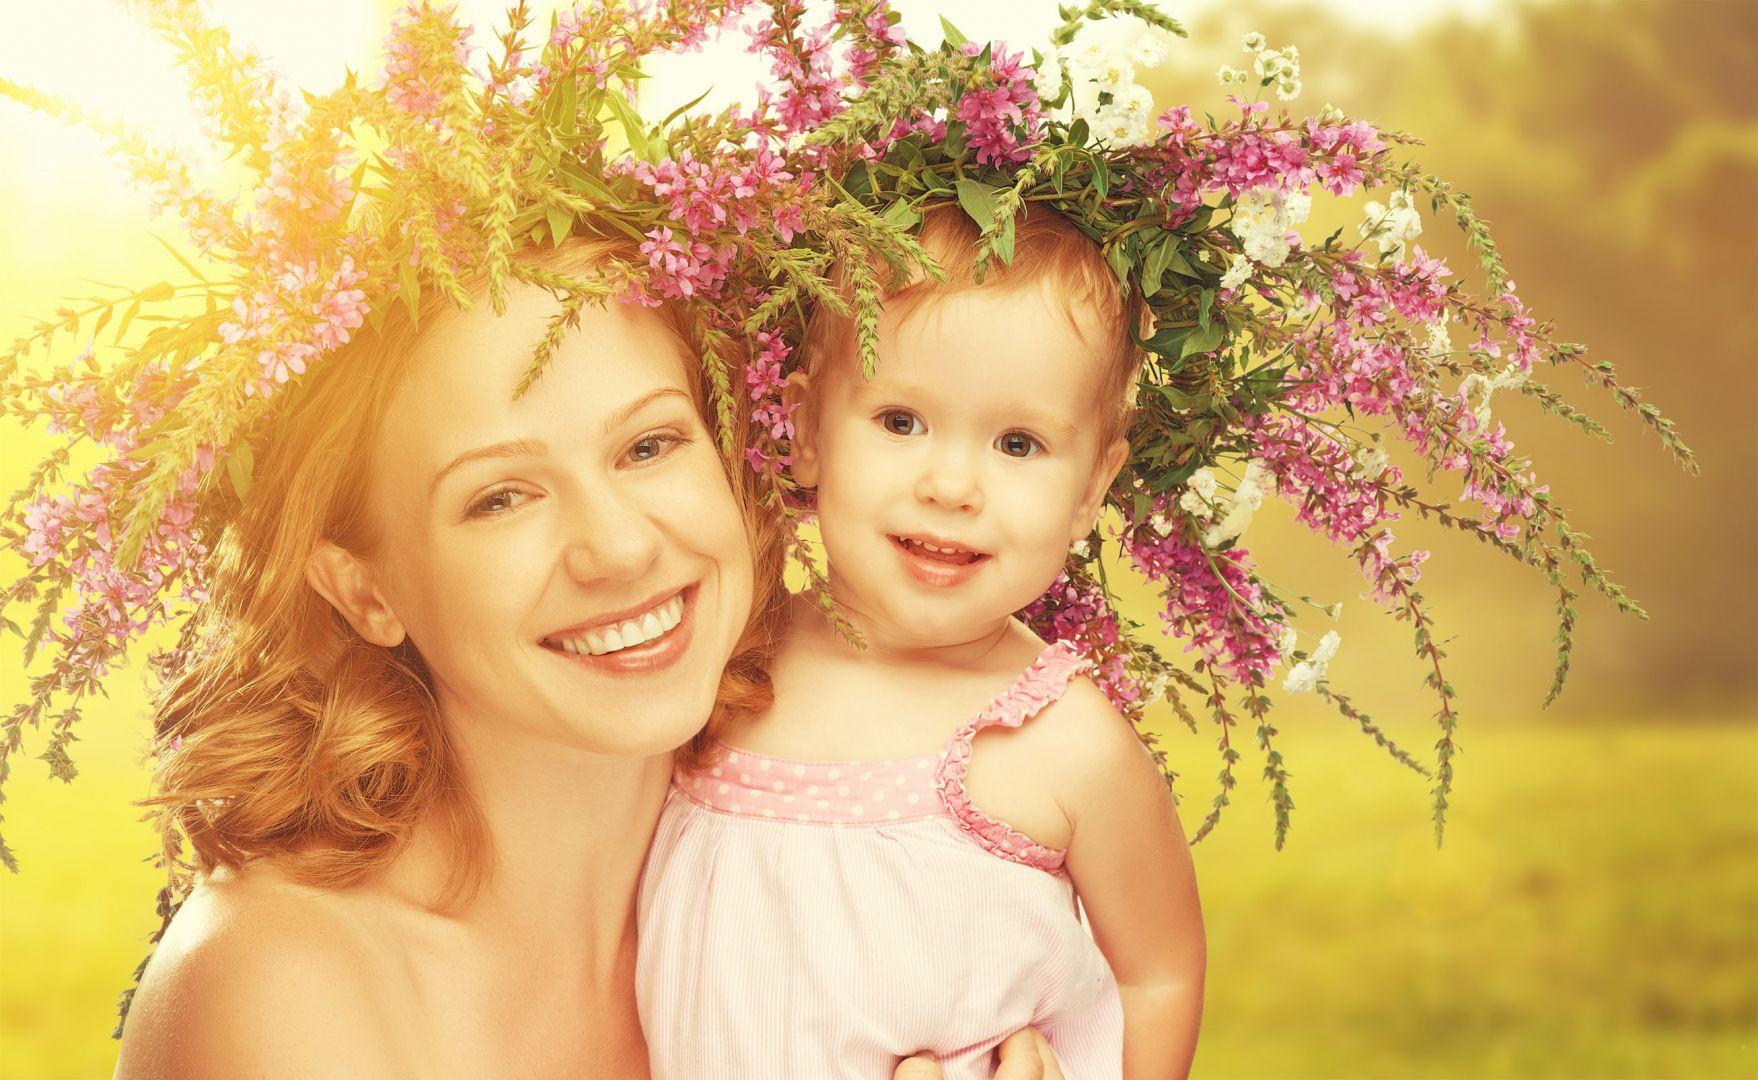 Конкурс фото мама и дети